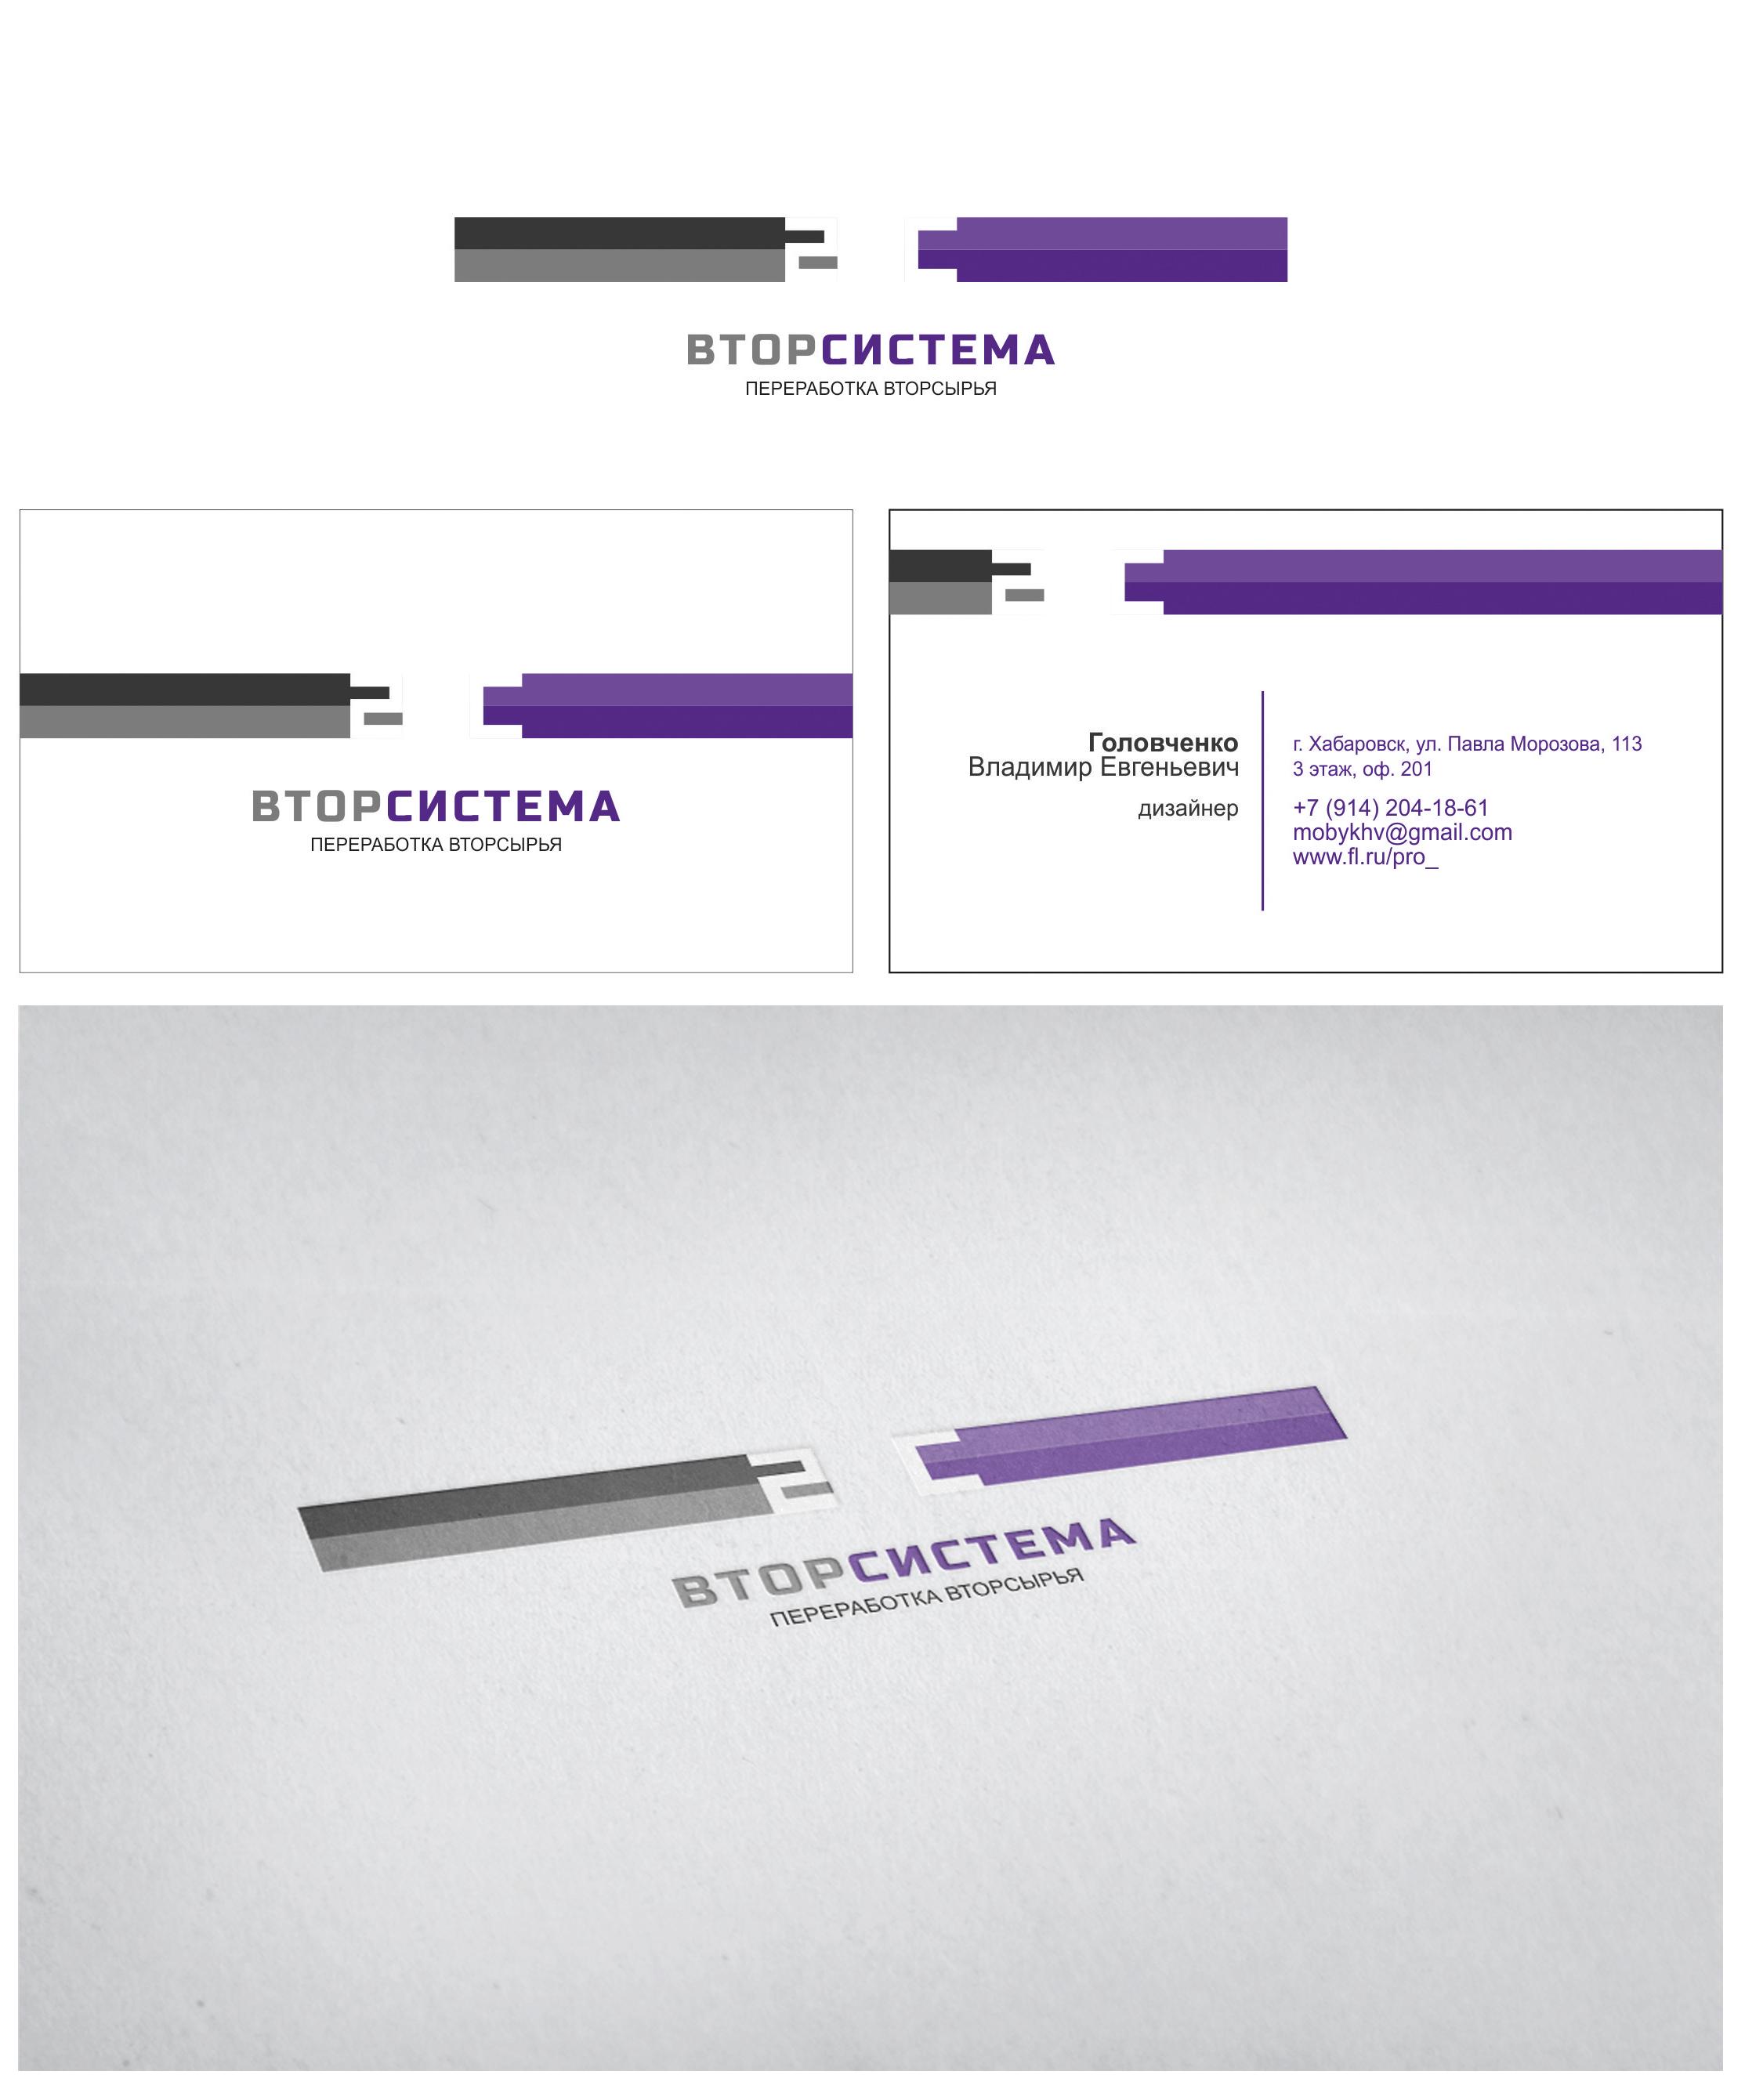 Нужно разработать логотип и дизайн визитки фото f_0465550ef82ca4fc.jpg